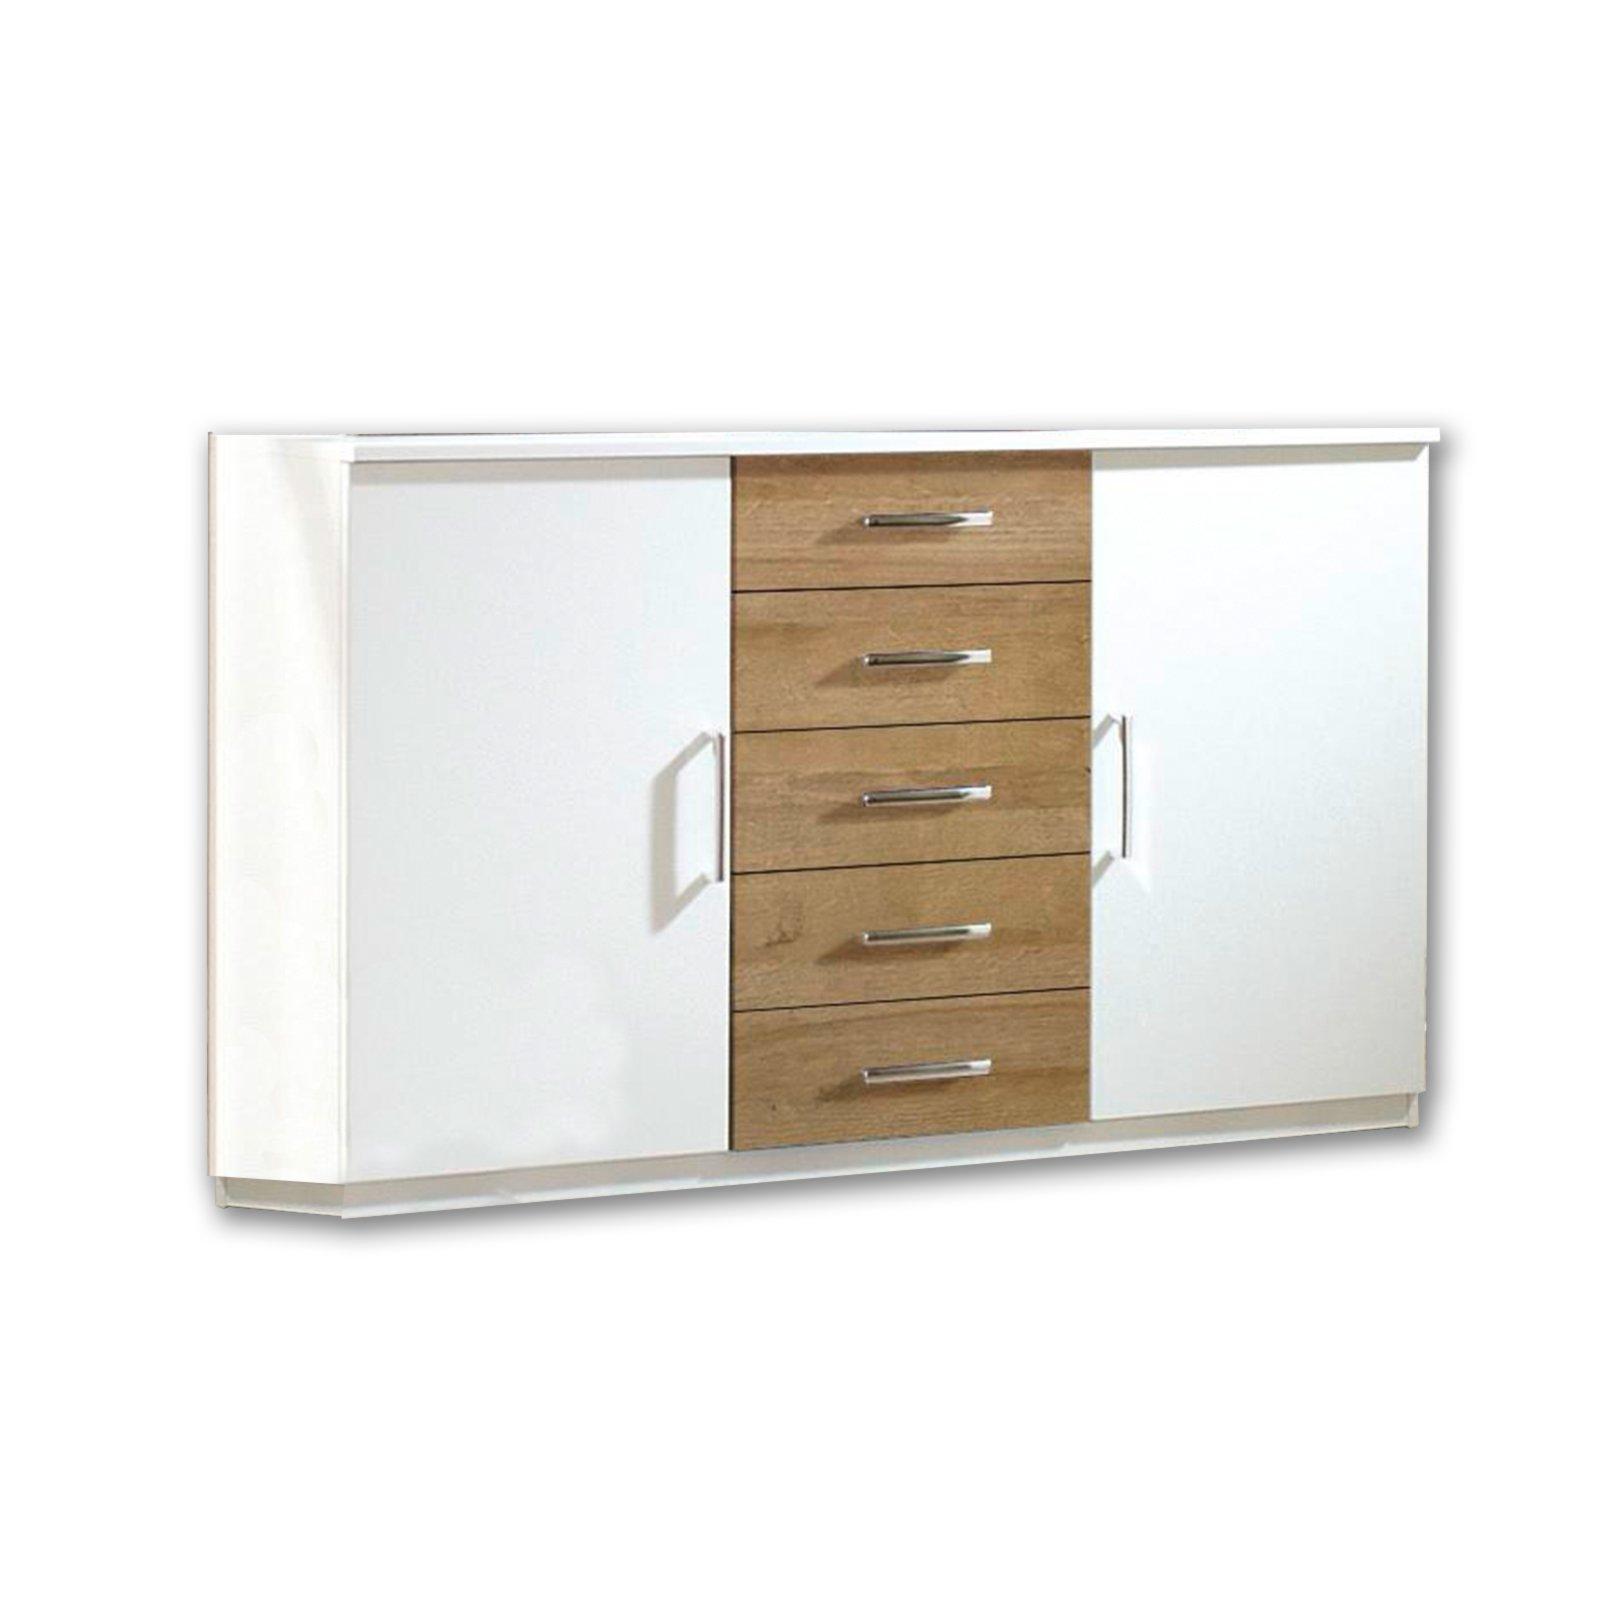 0194016602-1600Wx1600H Fabelhafte Günstige Badspiegel Mit Beleuchtung Dekorationen